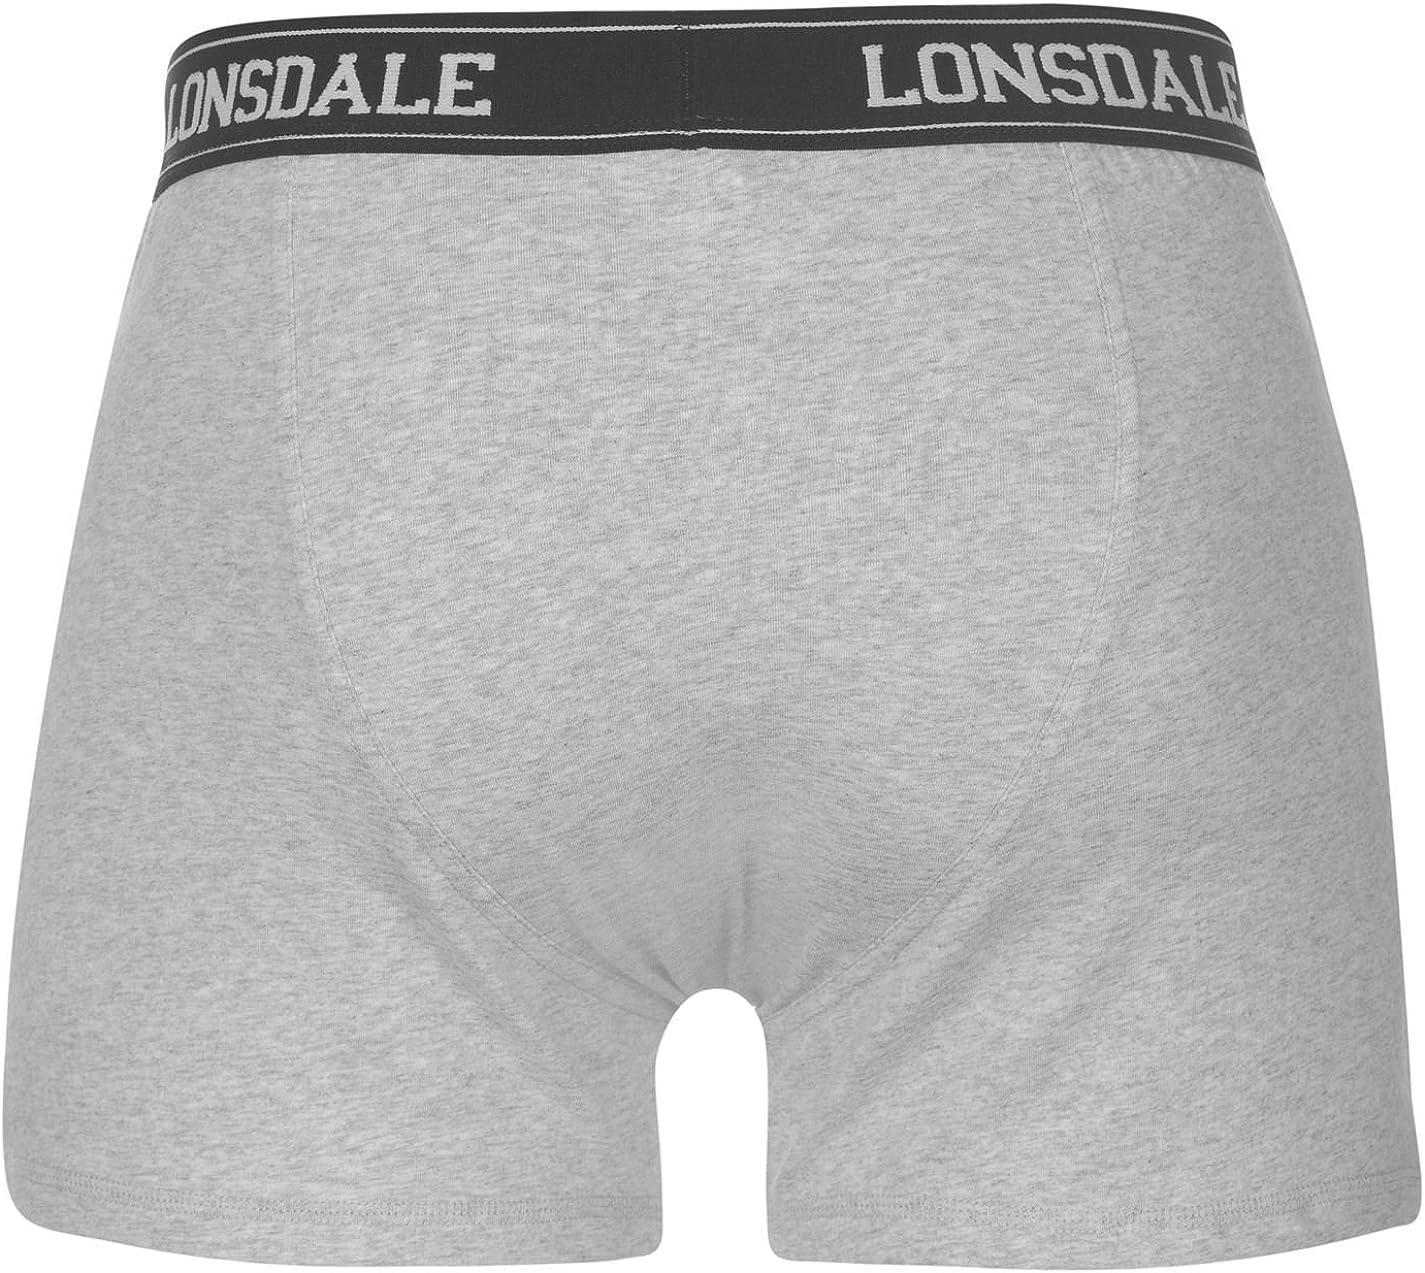 Confezione da 2 paia di boxer da uomo in misto cotone con elastico in vita Lonsdale